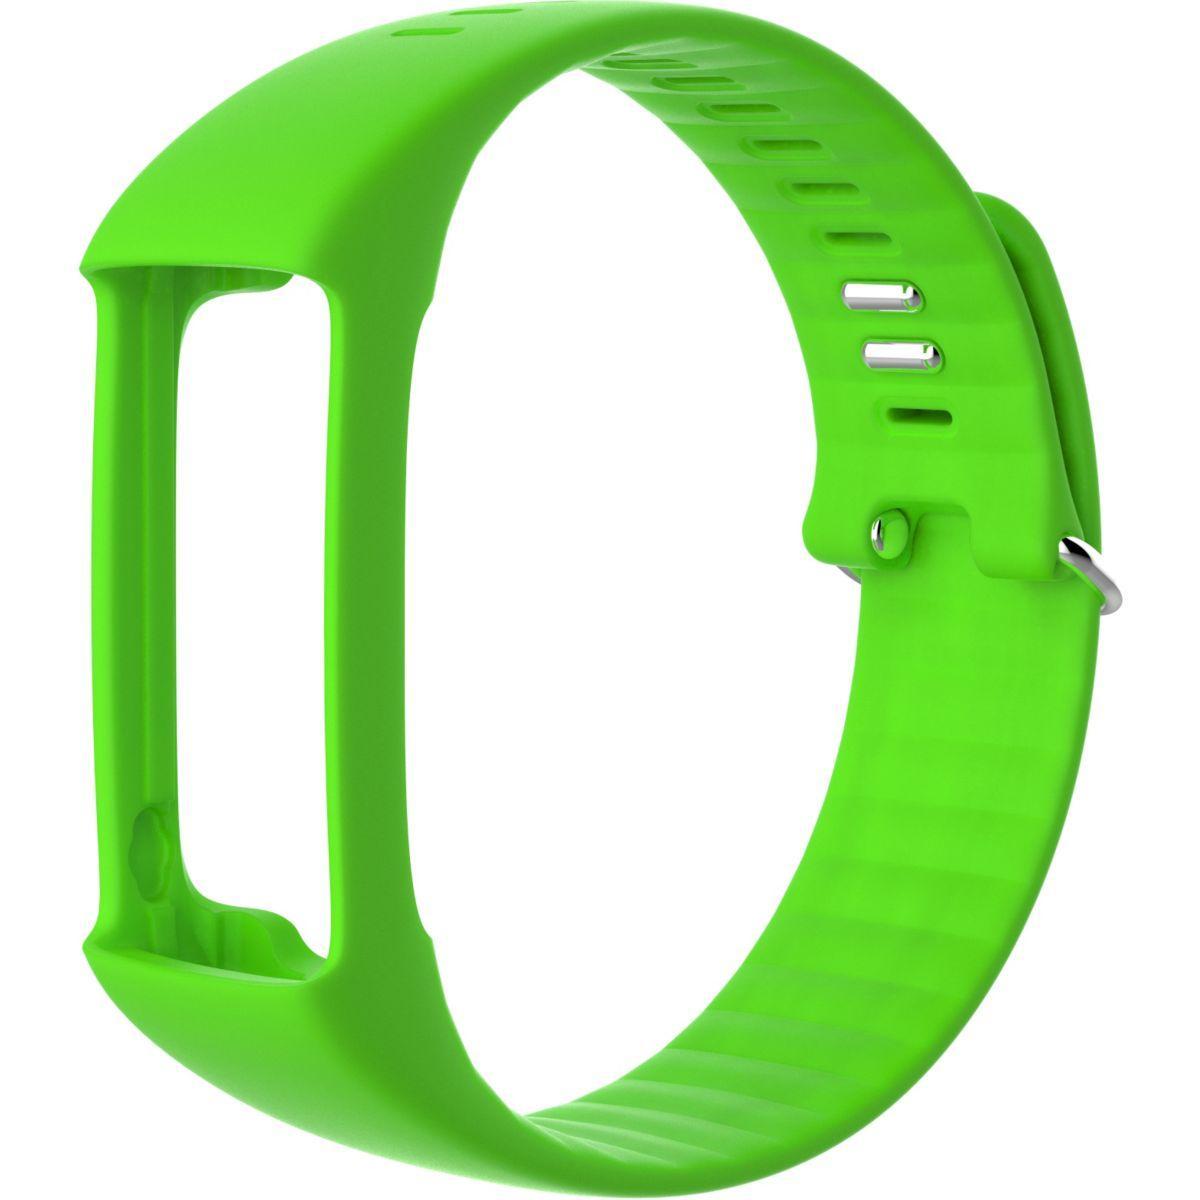 Bracelet montre polar a360 vert s - 5% de remise immédiate avec le code : top5 (photo)